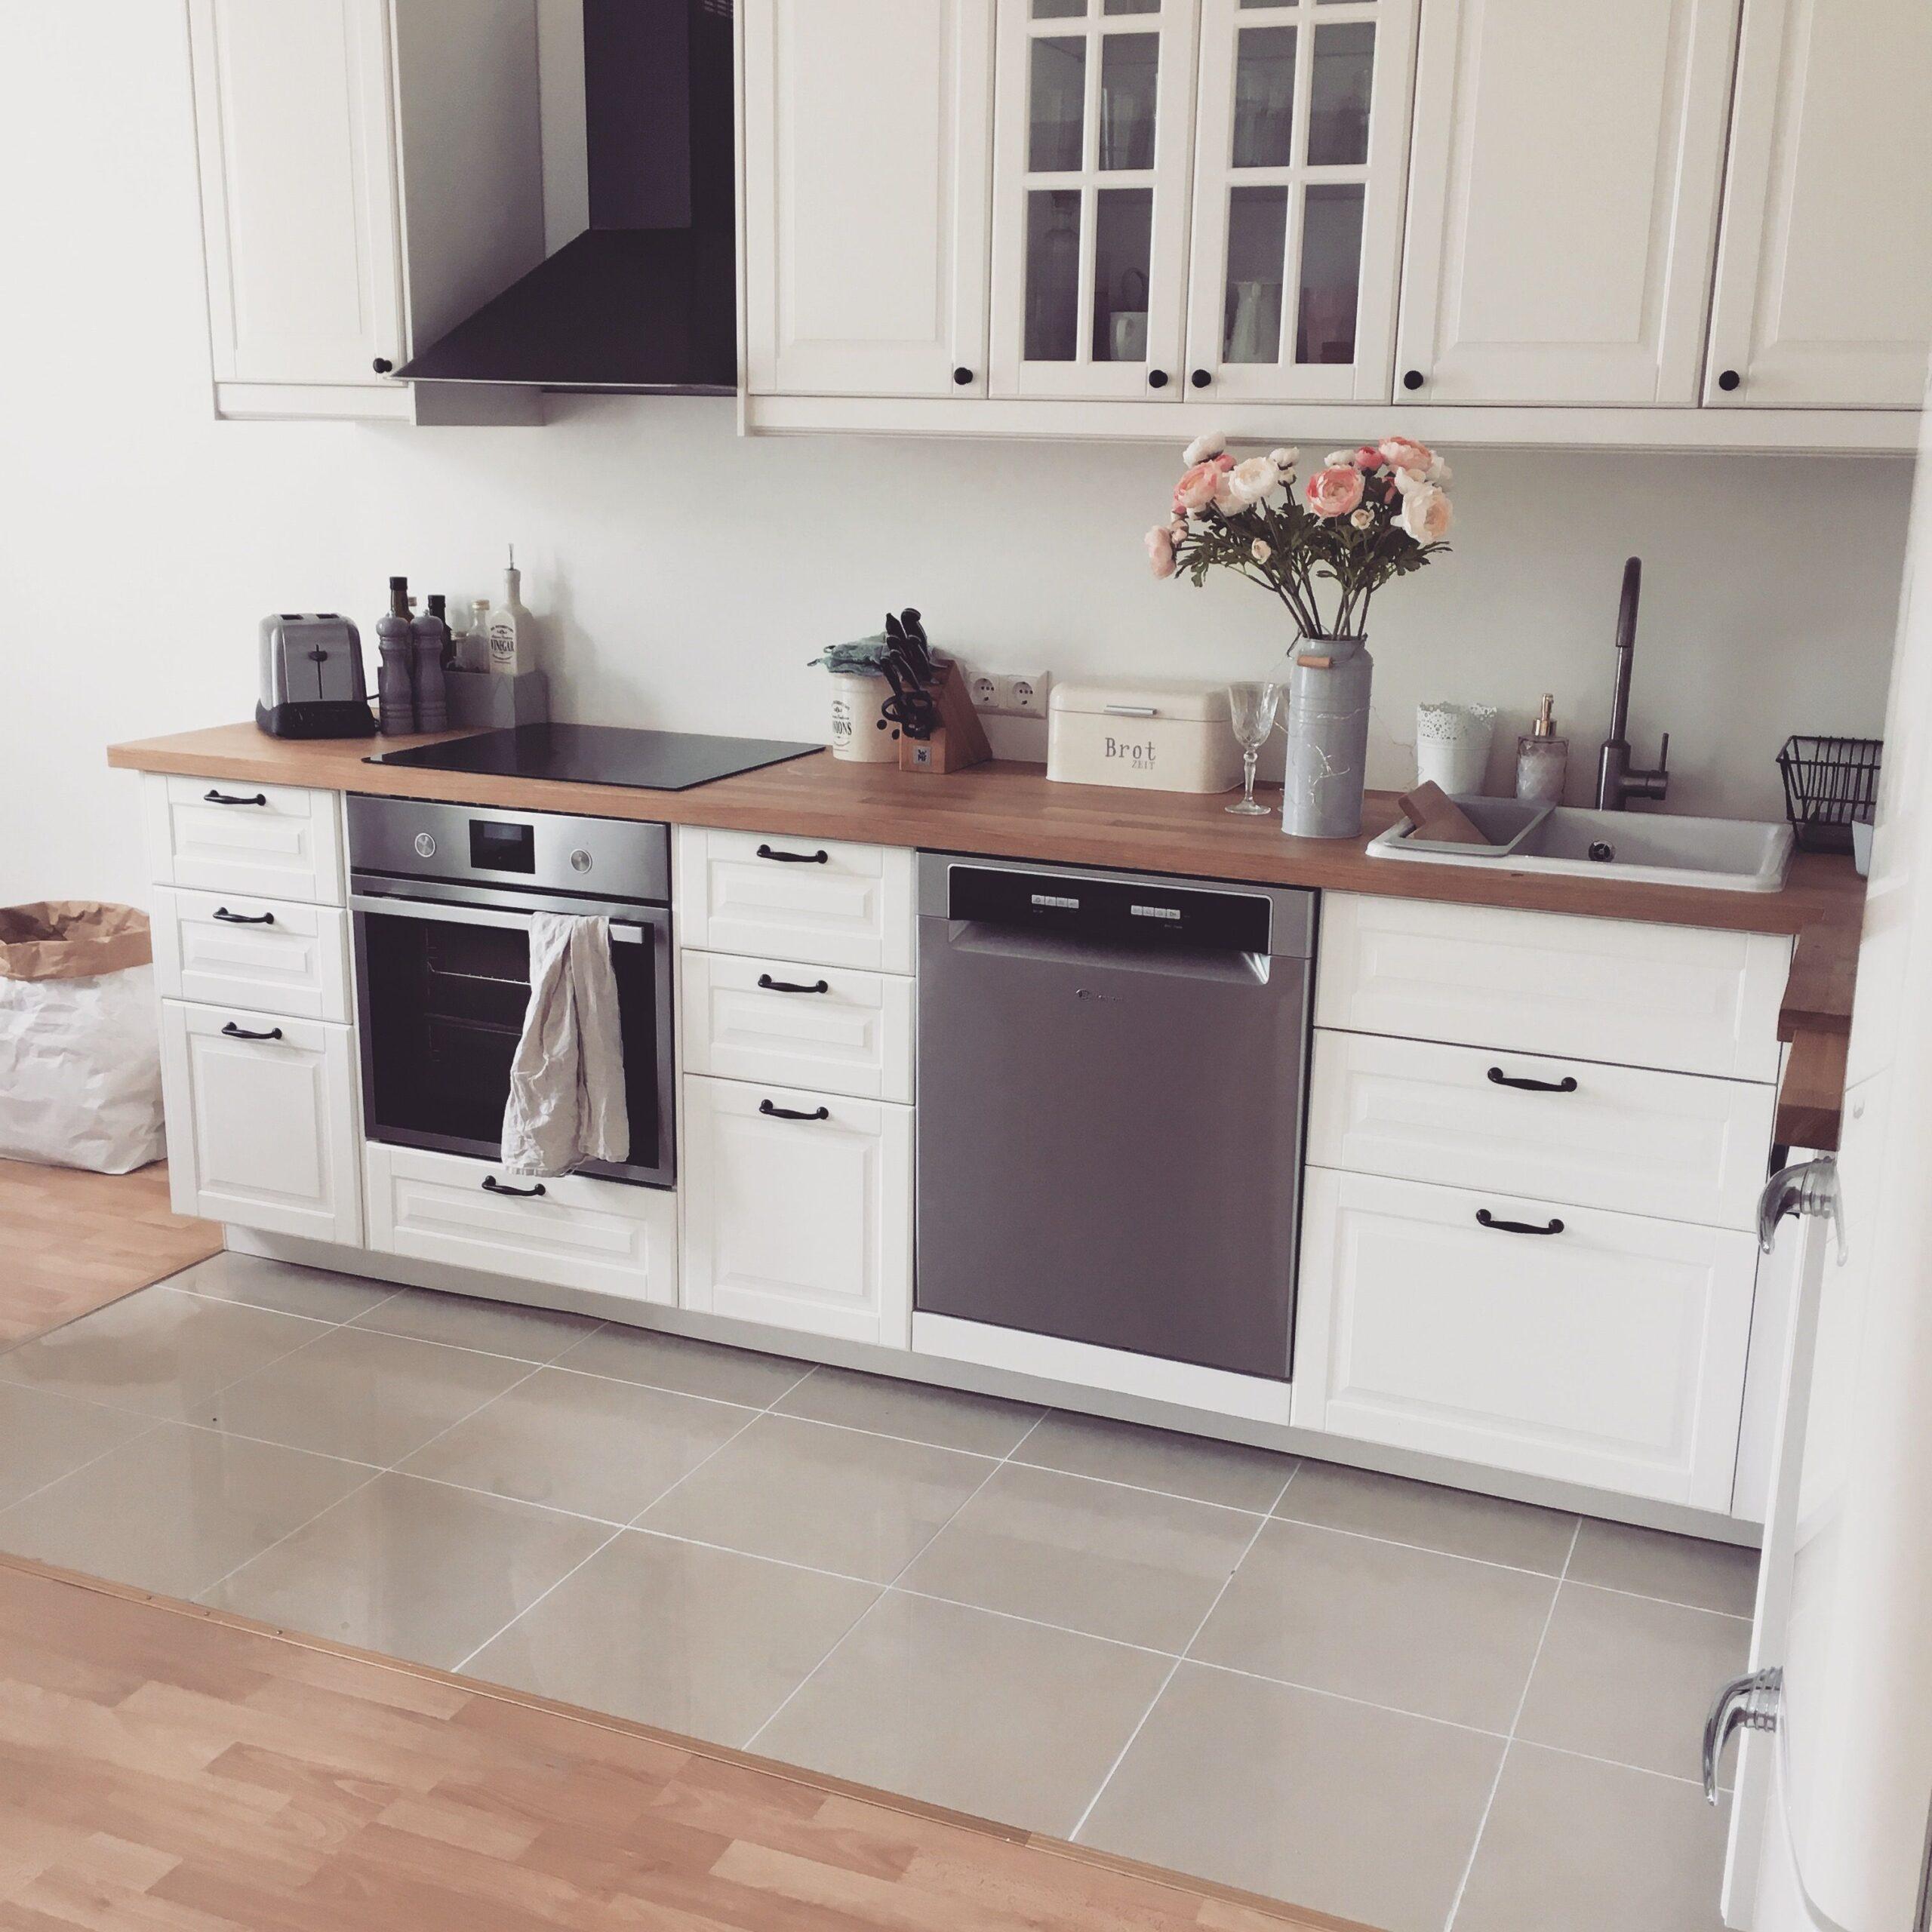 Full Size of Küche Kaufen Ikea Kosten Betten 160x200 Modulküche Miniküche Sofa Mit Schlaffunktion Bei Wohnzimmer Ikea Küchenzeile